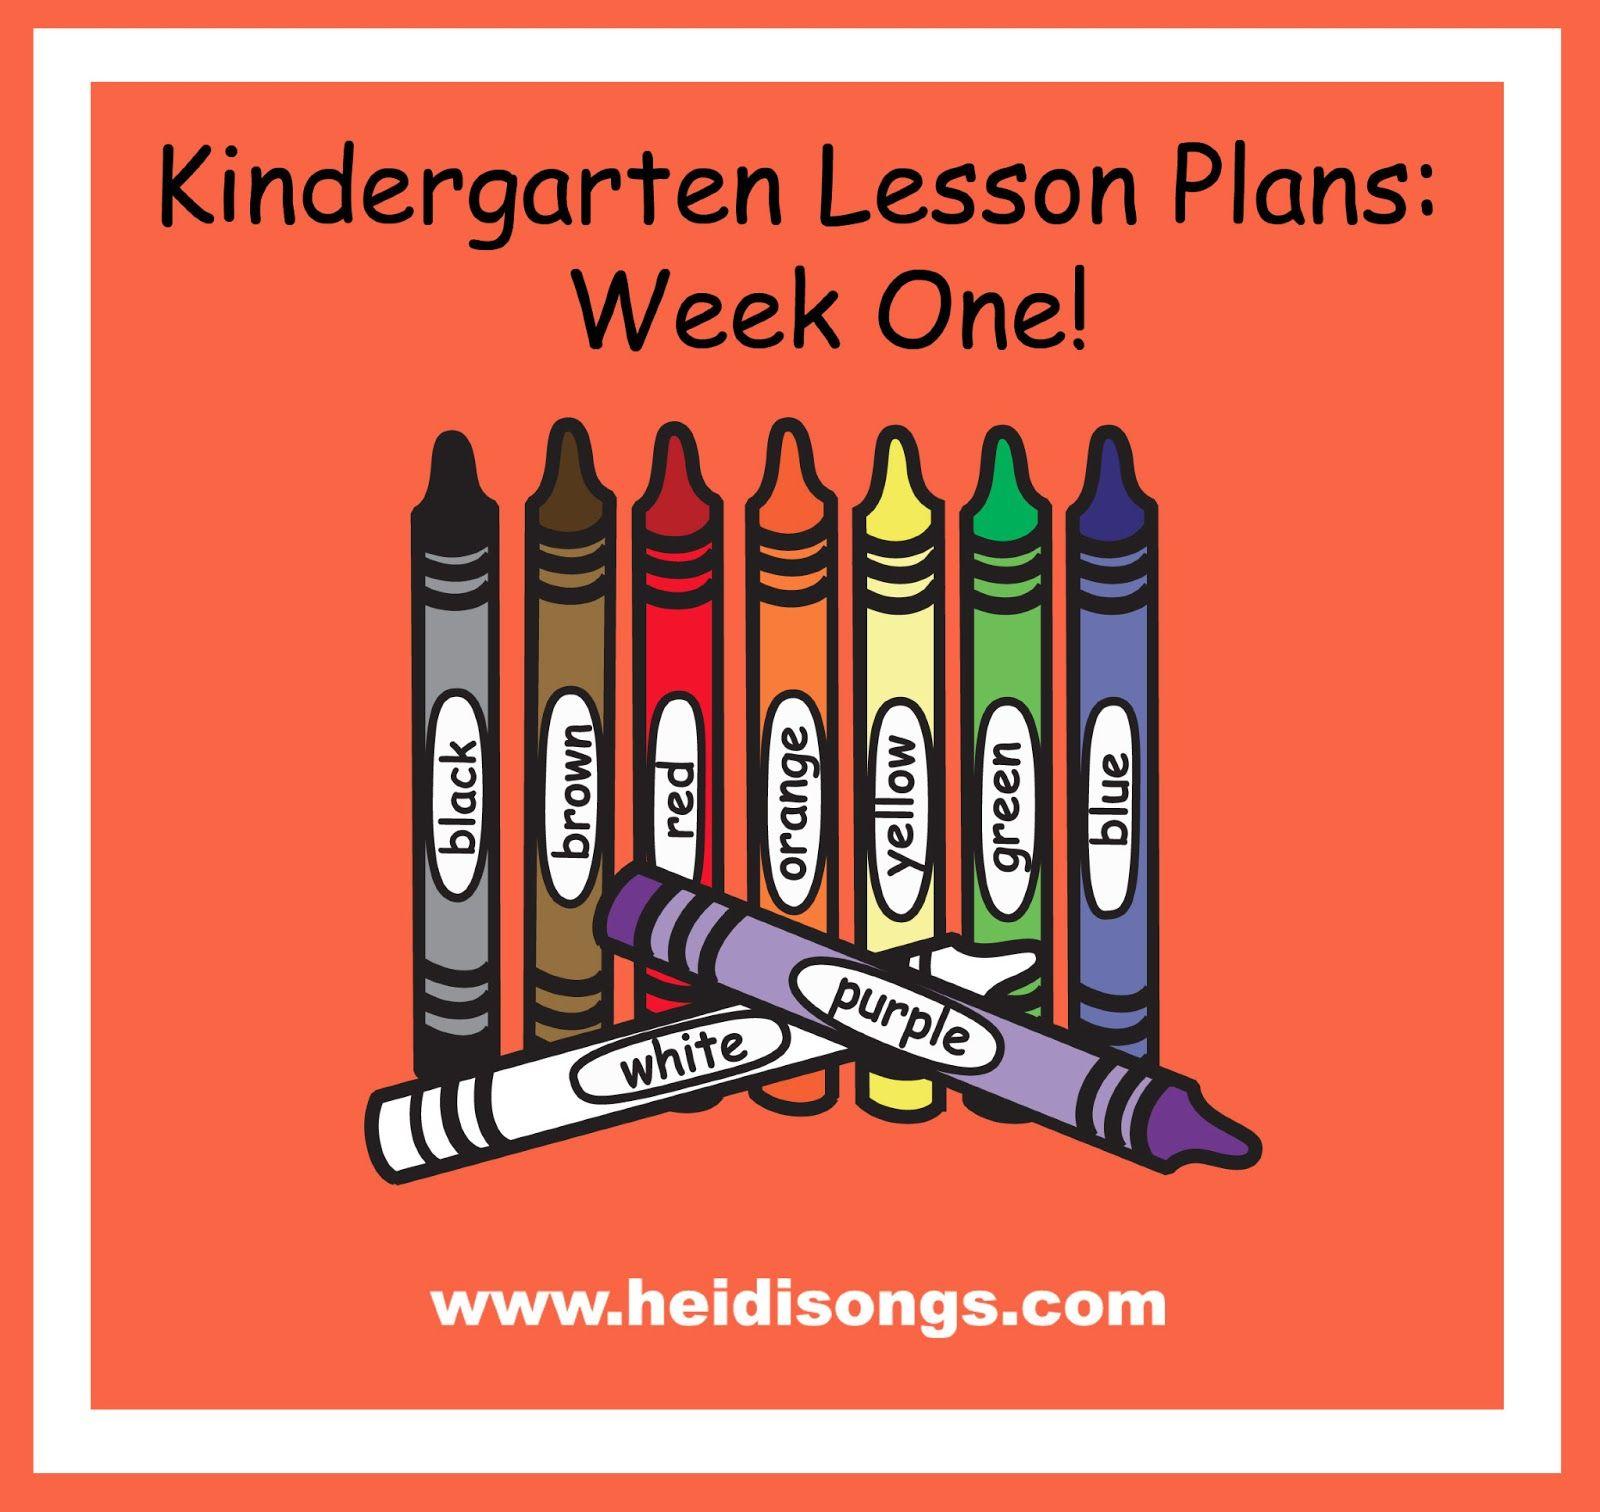 Heidisongs Resource Kindergarten Lesson Plans Week One